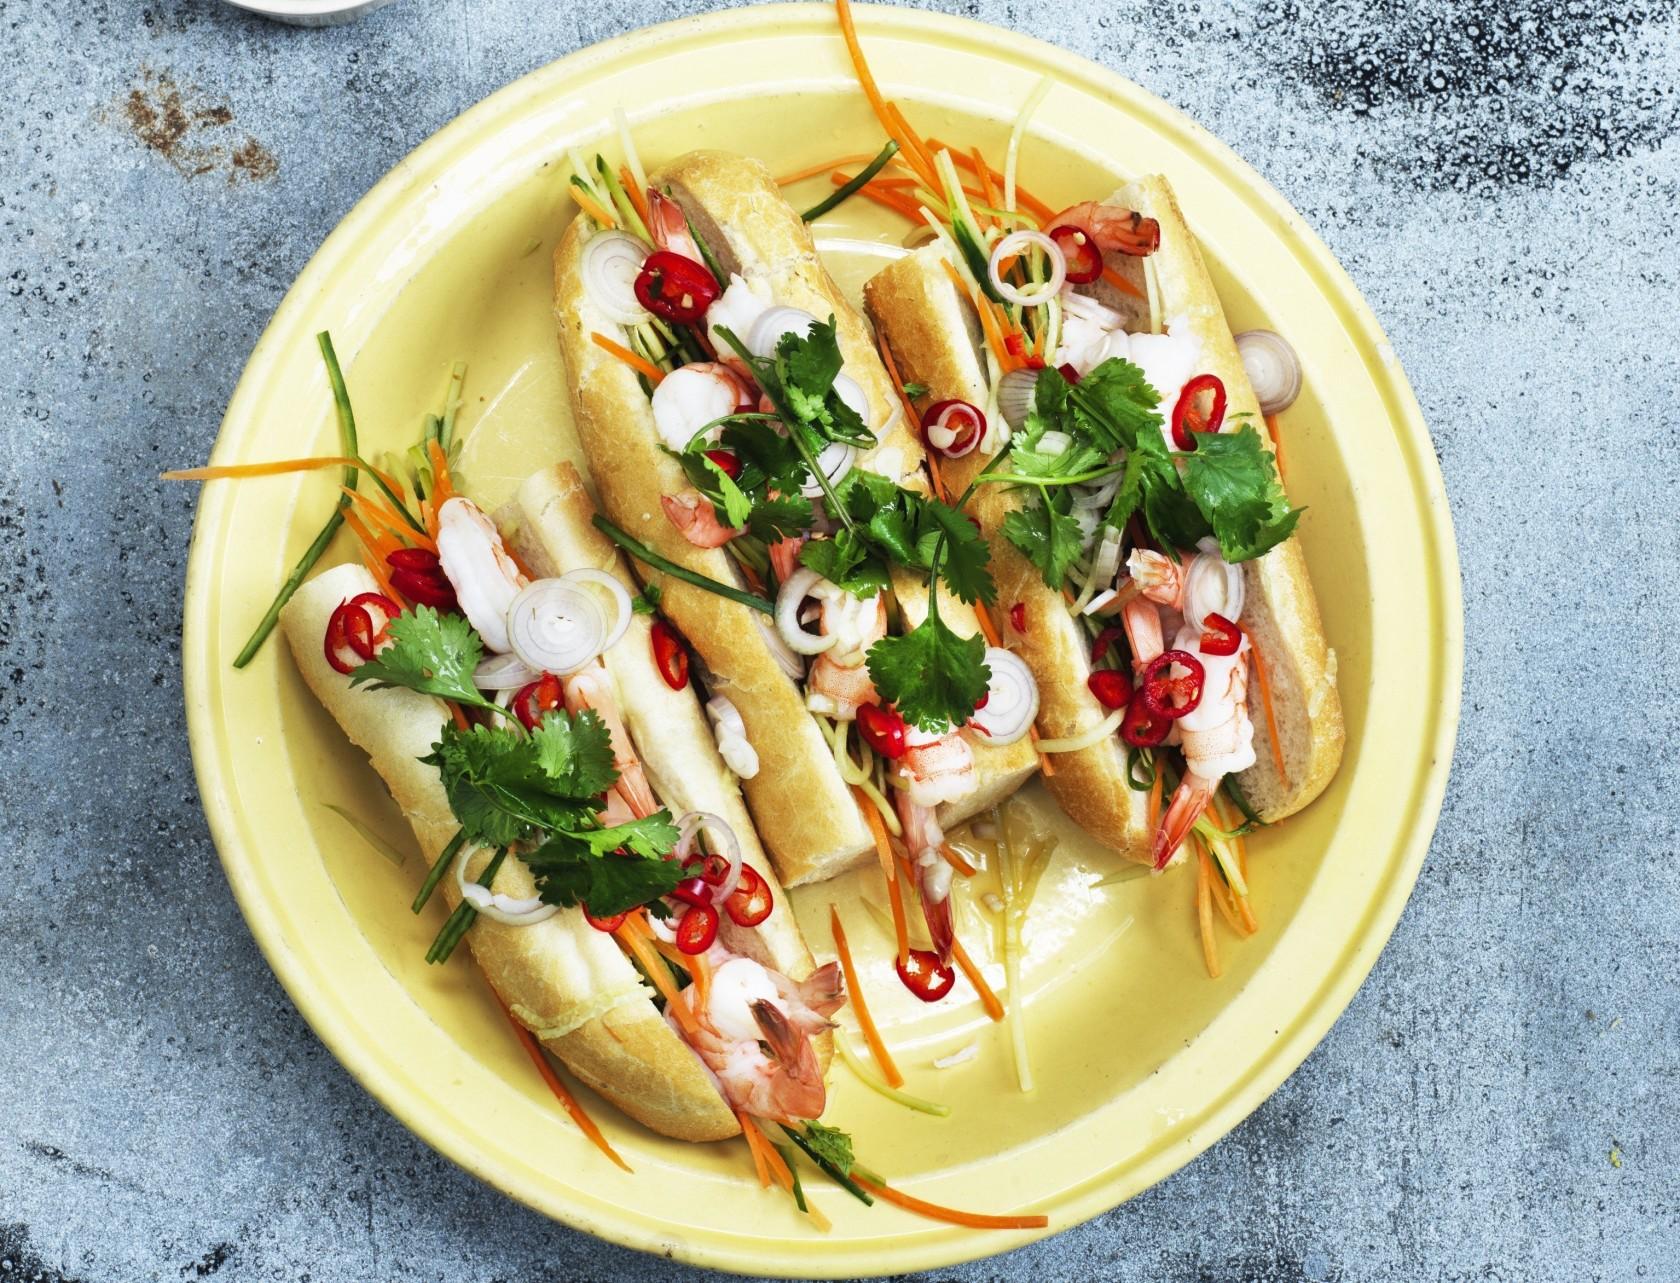 Skøn vietnamesisk sandwich med rejer - også kaldet en banh mi.